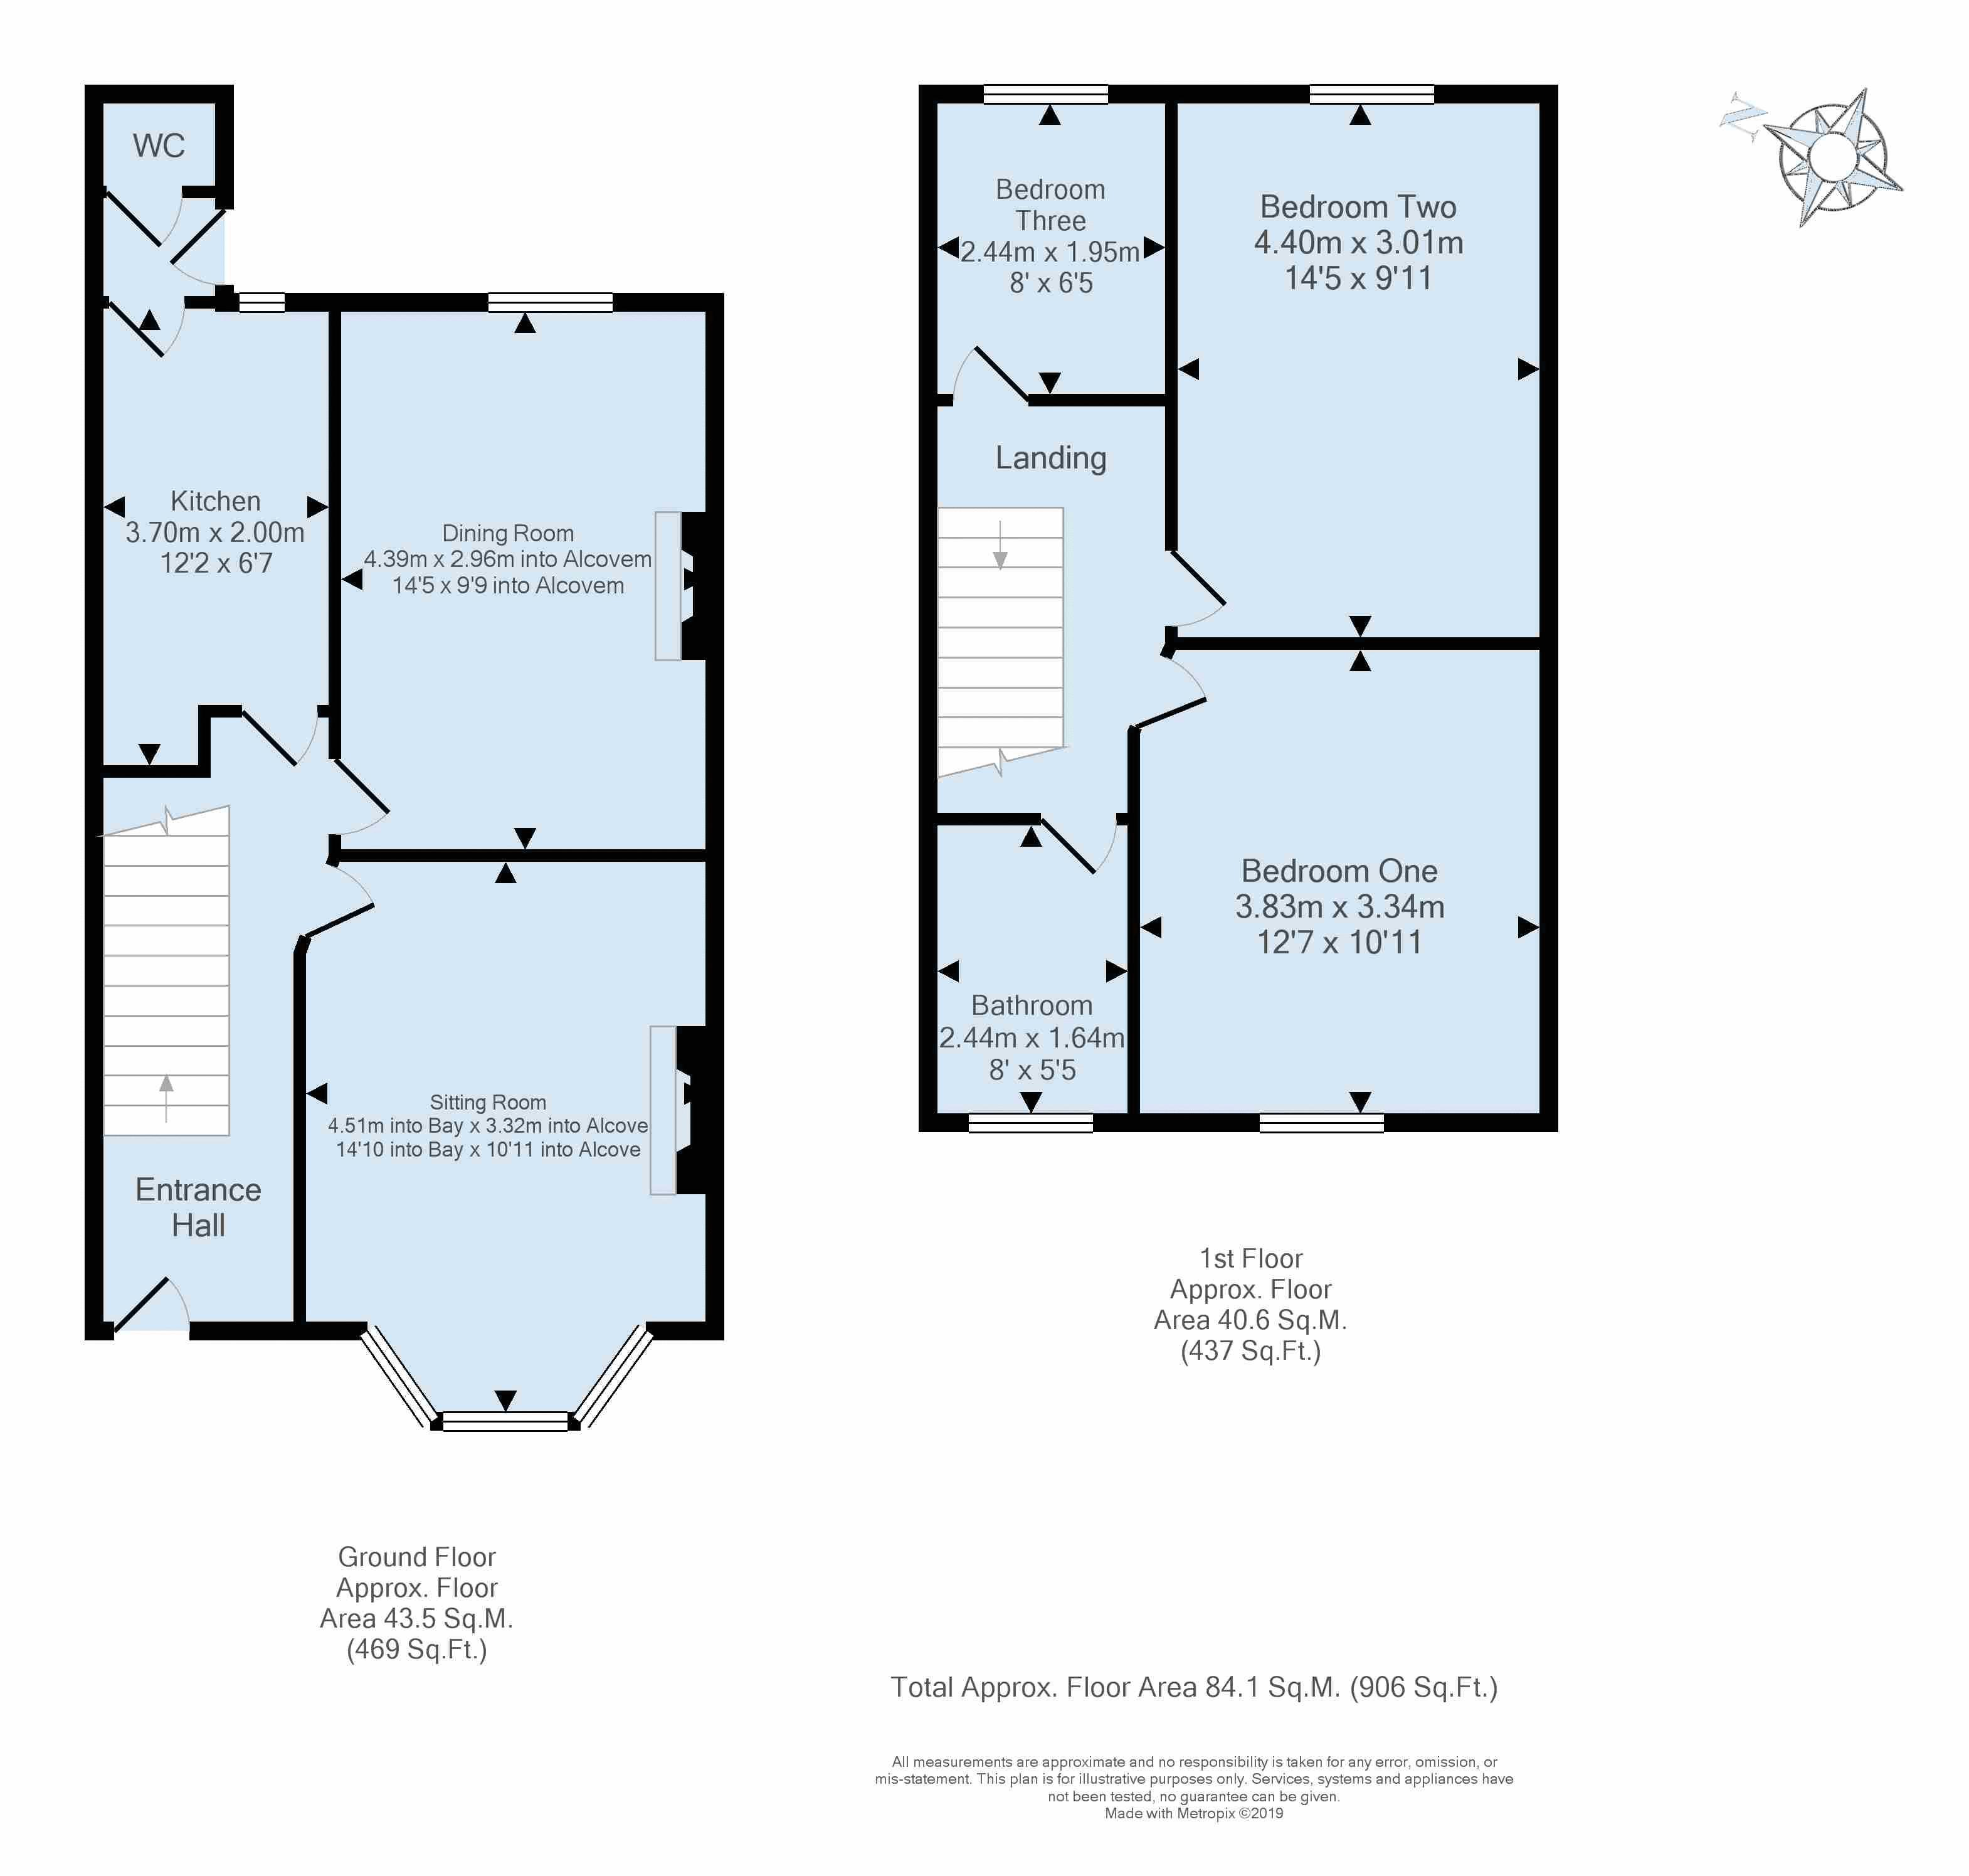 7OL - Floorplan